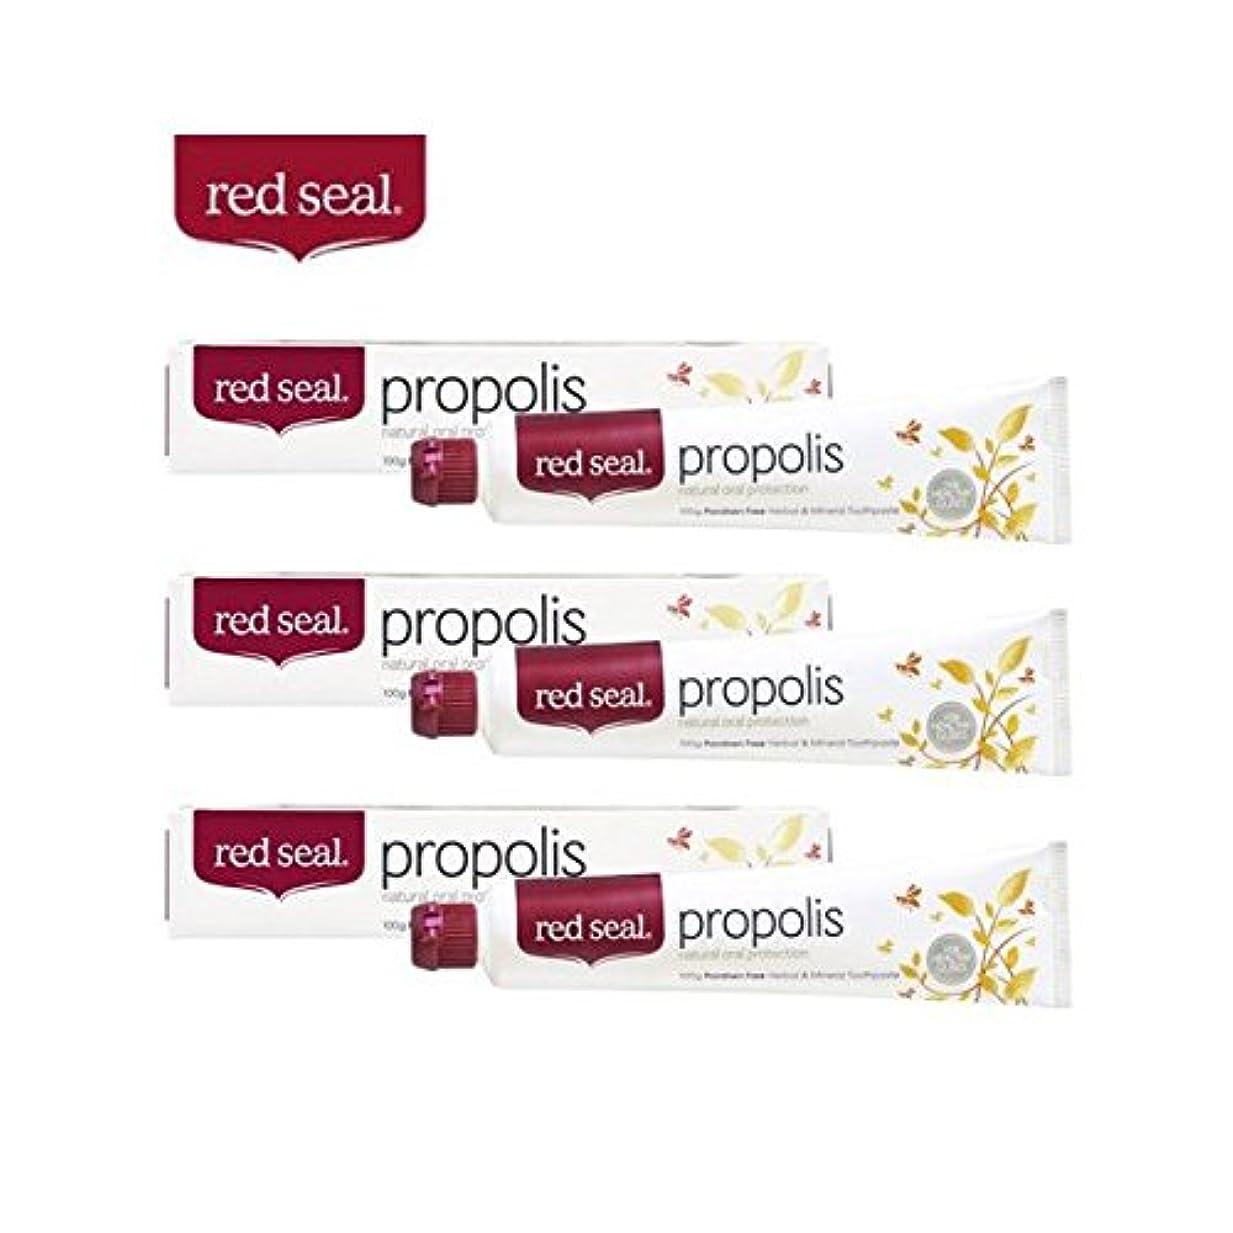 Redseal プロポリス 歯磨き パラベンフリー 3本セット [海外直送] [並行輸入品]